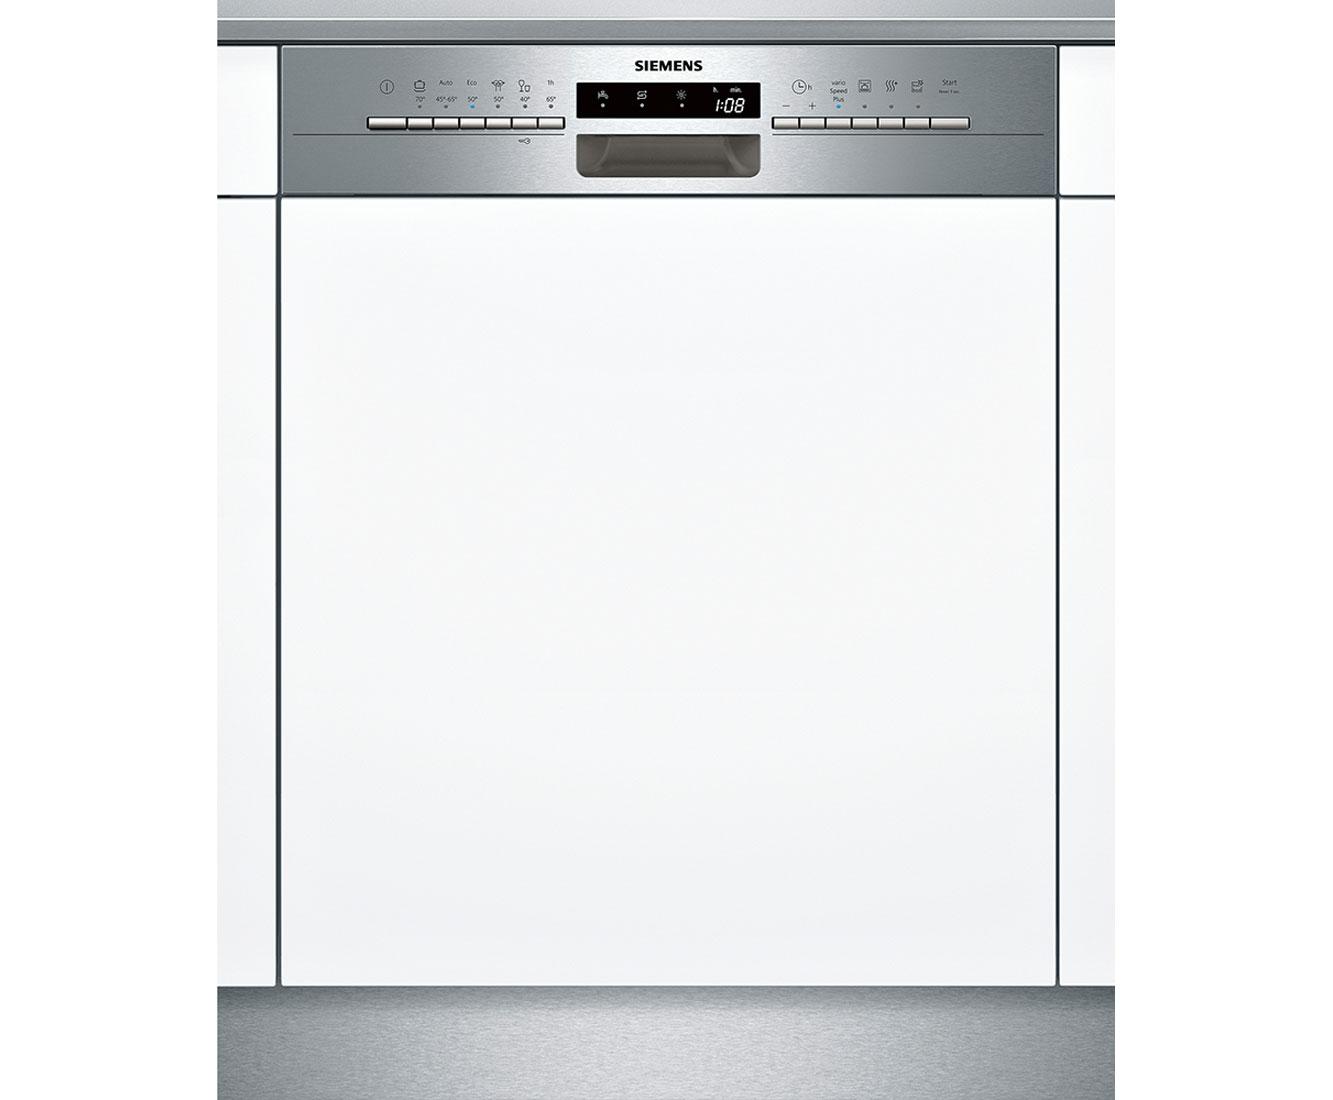 Siemens iQ300 SN536S01CE Geschirrspüler 60 cm - Edelstahl | Küche und Esszimmer > Küchenelektrogeräte > Gefrierschränke | Edelstahl | Siemens